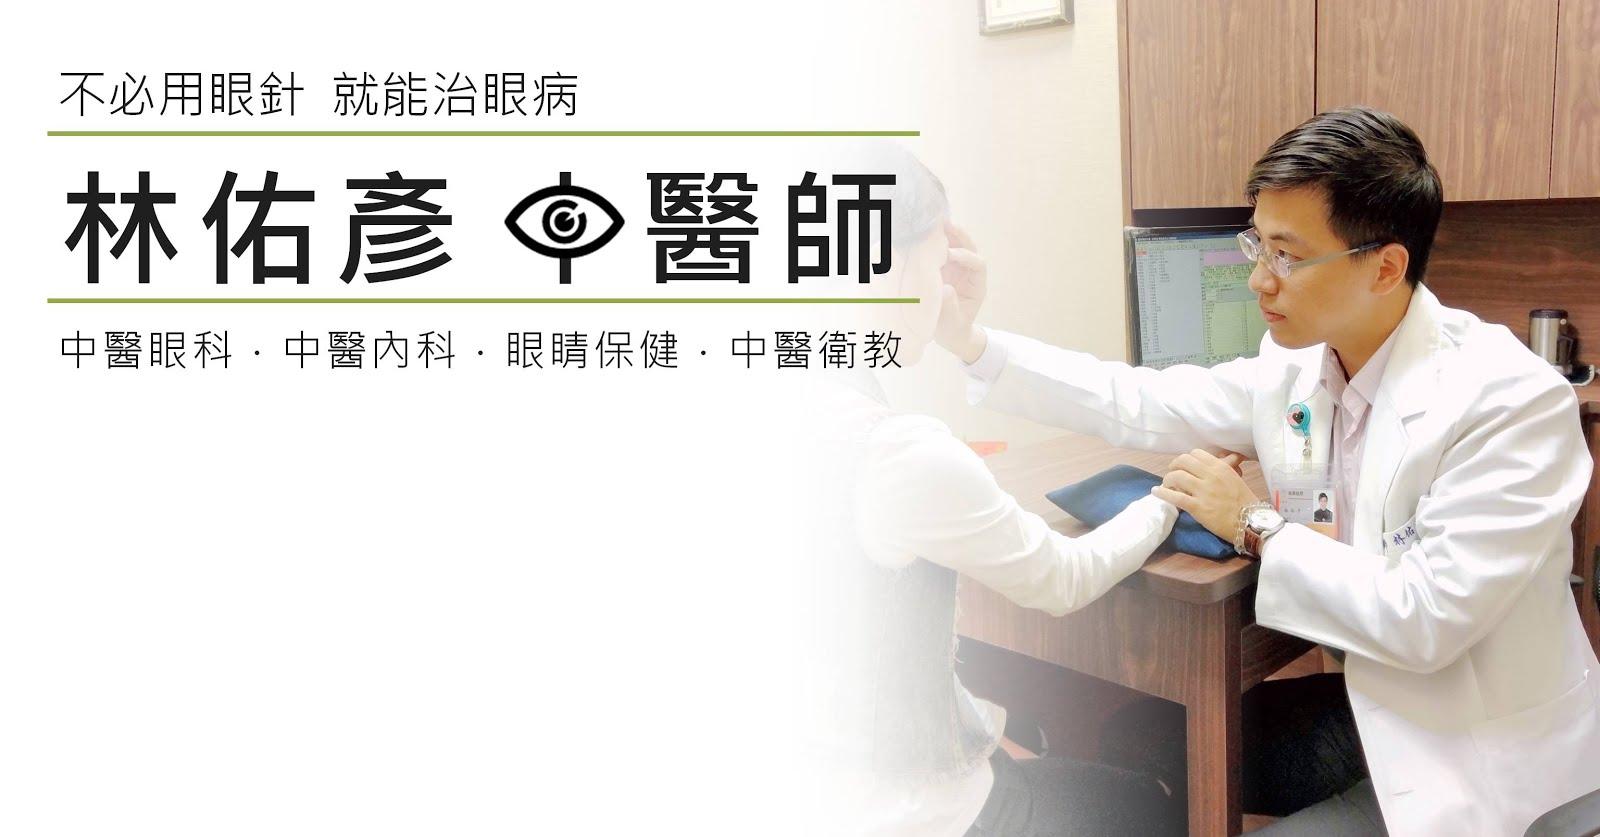 中醫眼科,眼睛的中醫治療保健,中醫治眼病,林佑彥中醫師 | Yu-Yen Lin, MD